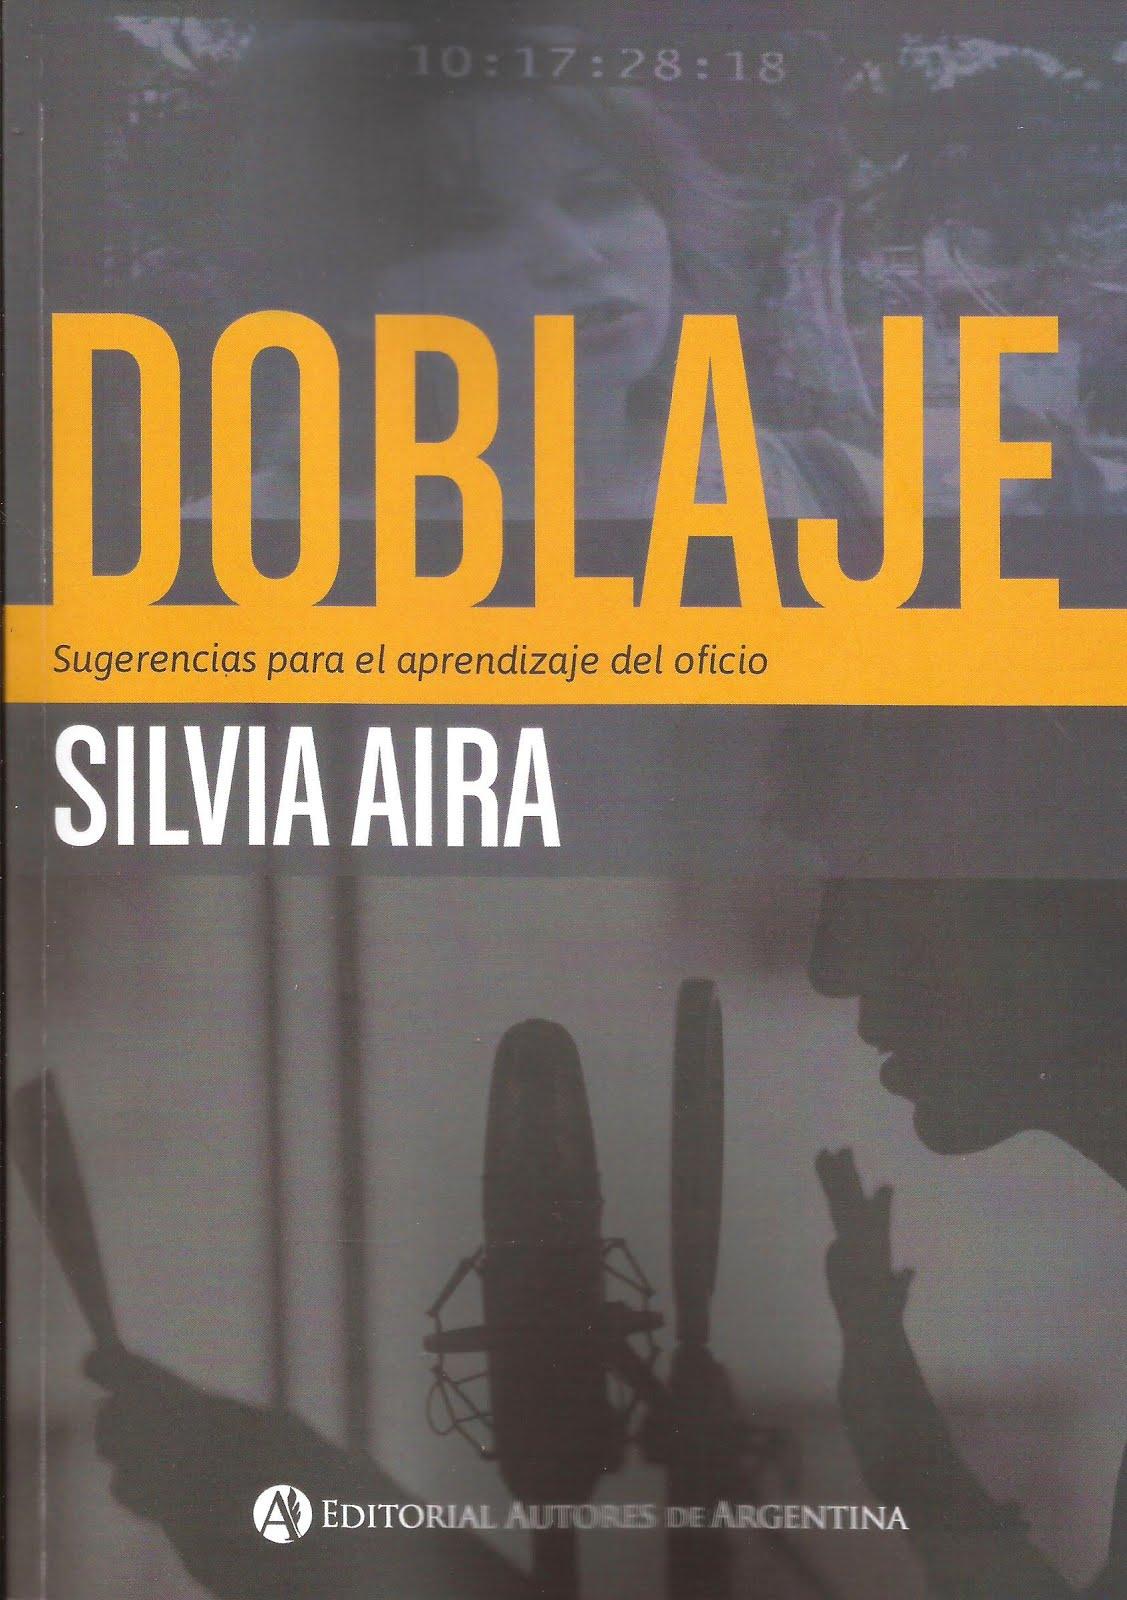 El primer libro sobre DOBLAJE de Latinoamérica